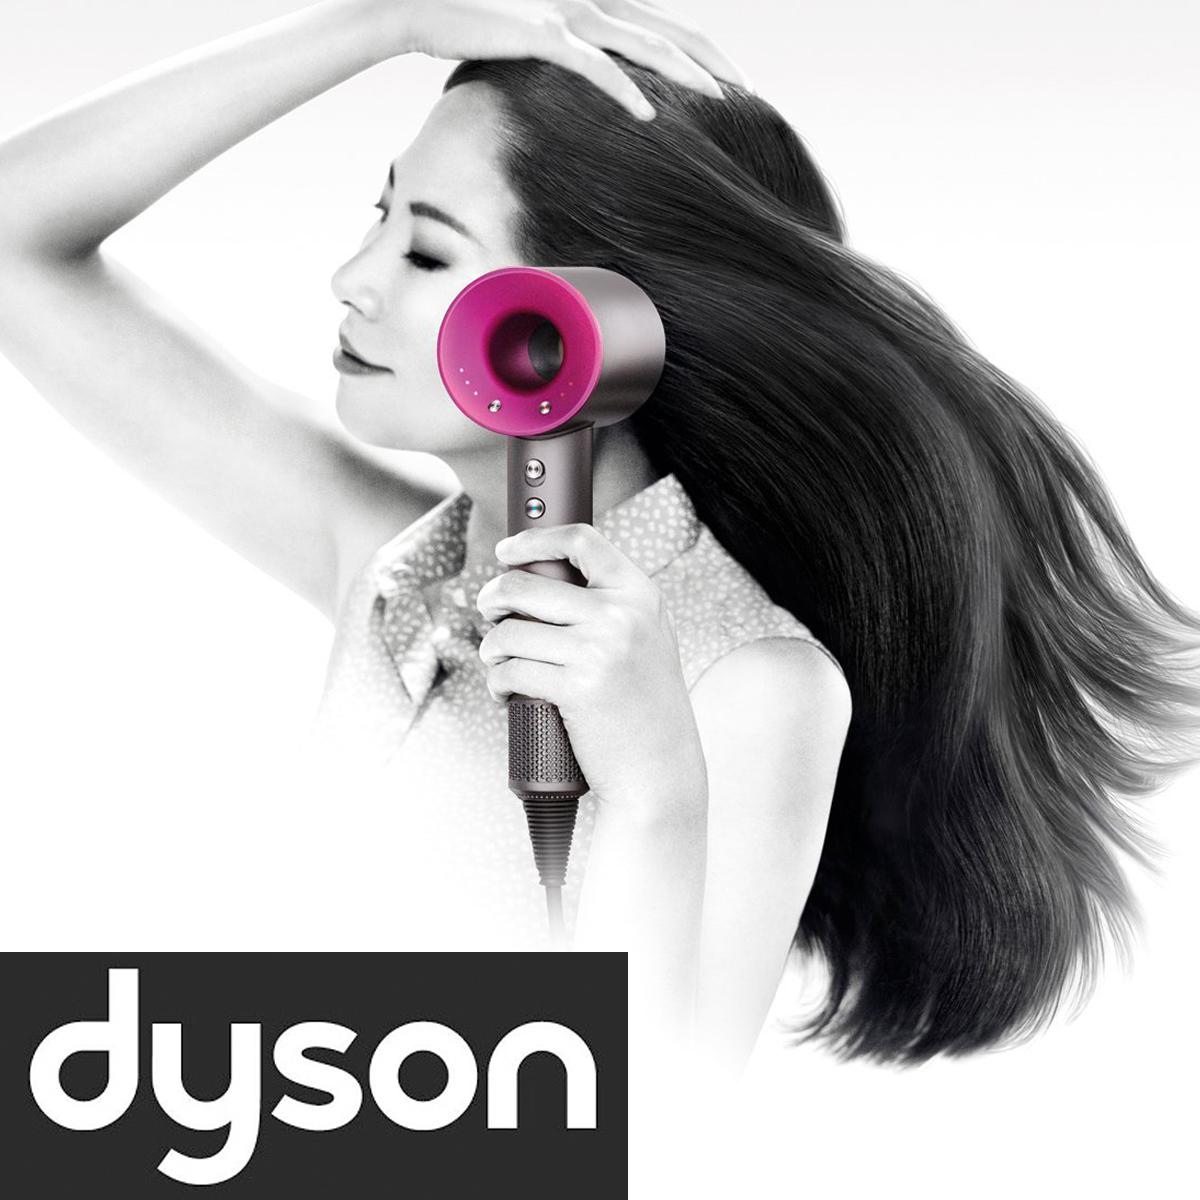 【Dyson】Supersonic  ヘアドライヤー ホワイト/シルバー